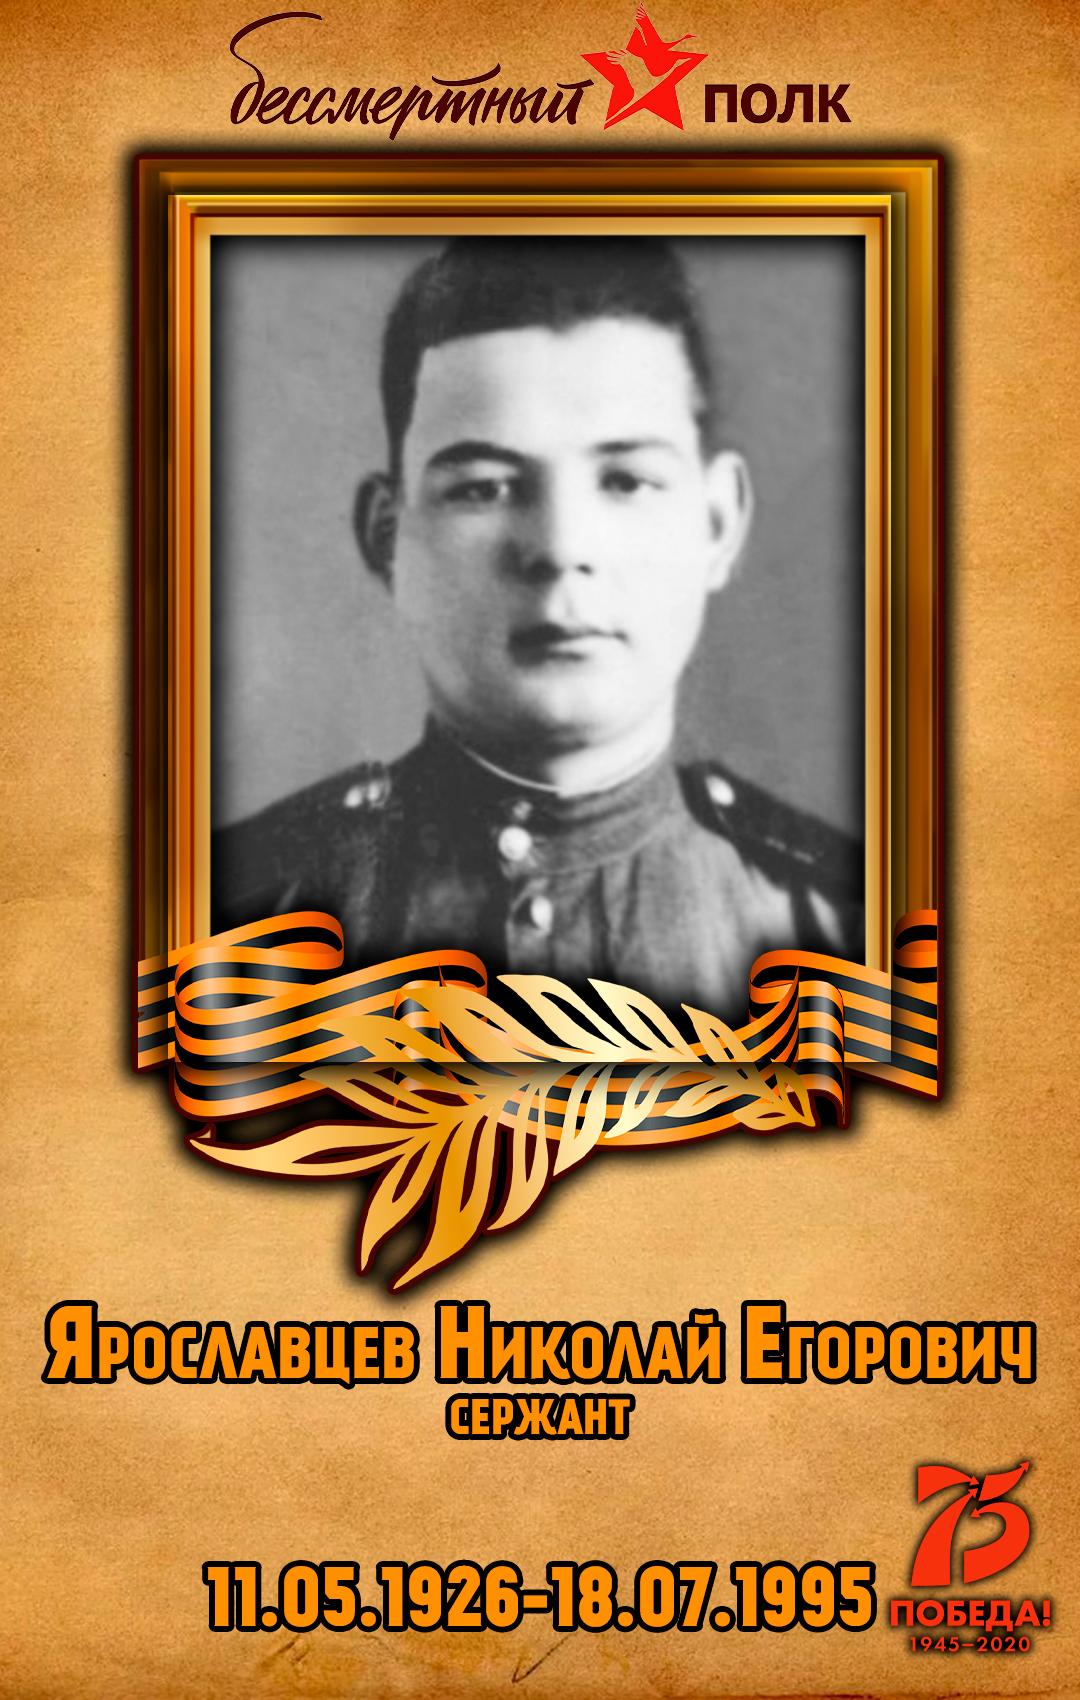 Ярославцев-Николай-Егорович